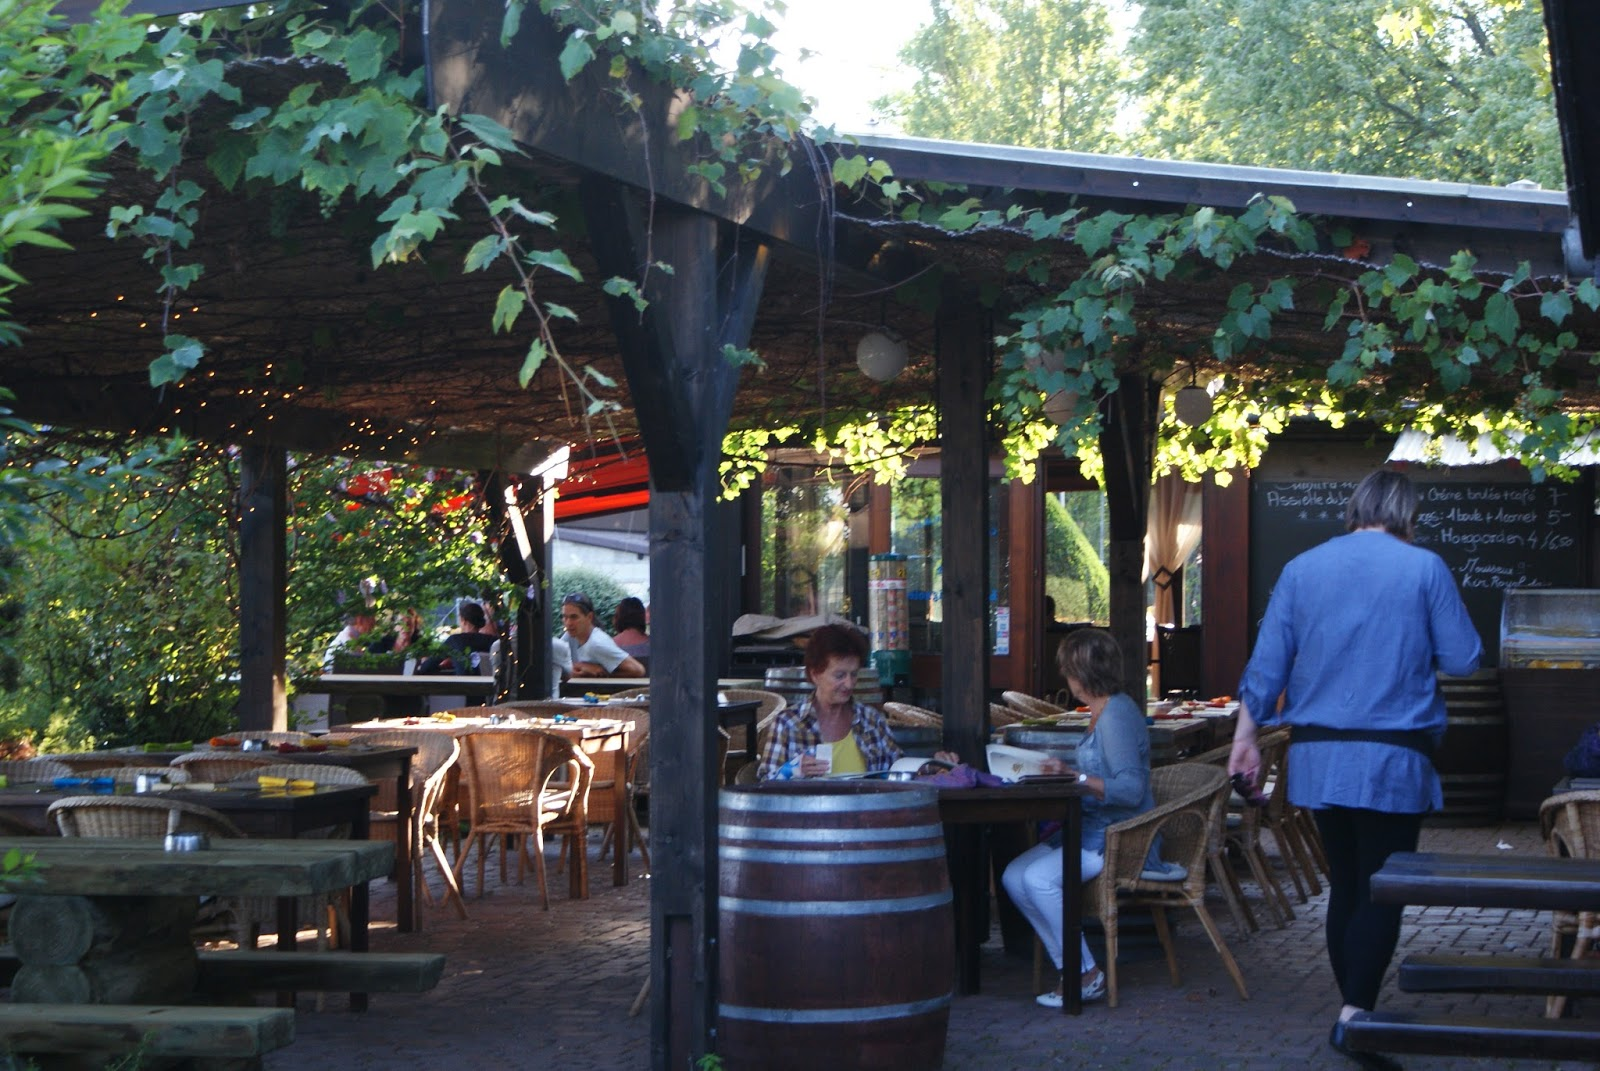 Meilleurs Restaurants Cuisine R Ef Bf Bdgionale Indre Et Loire